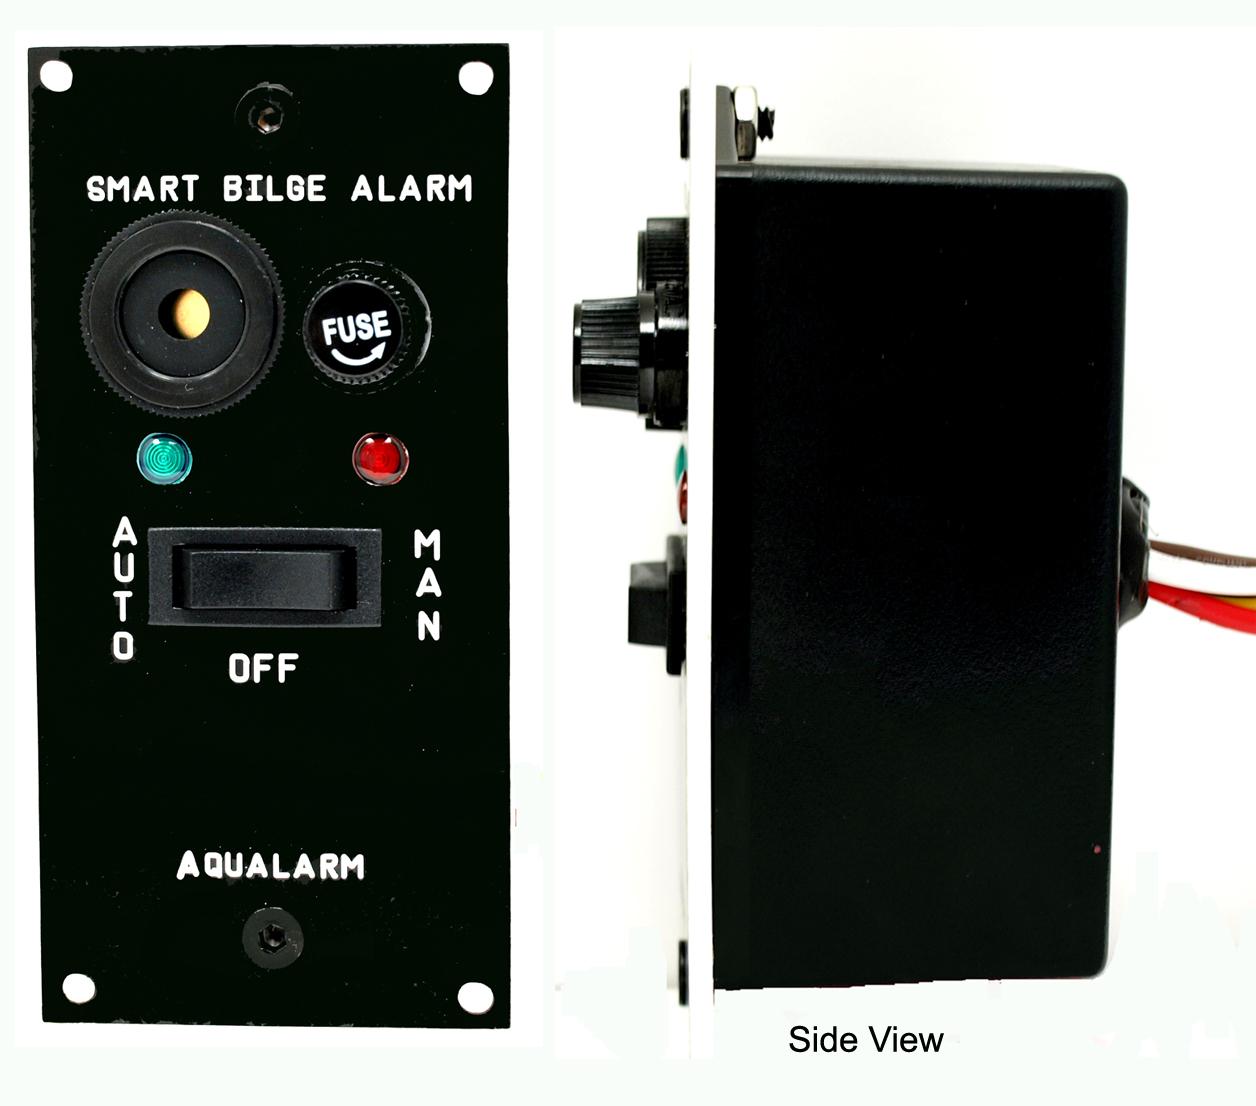 20346 Smart Bilge Alarm, 12v [] - $96 00 : AQUALARM, Warning